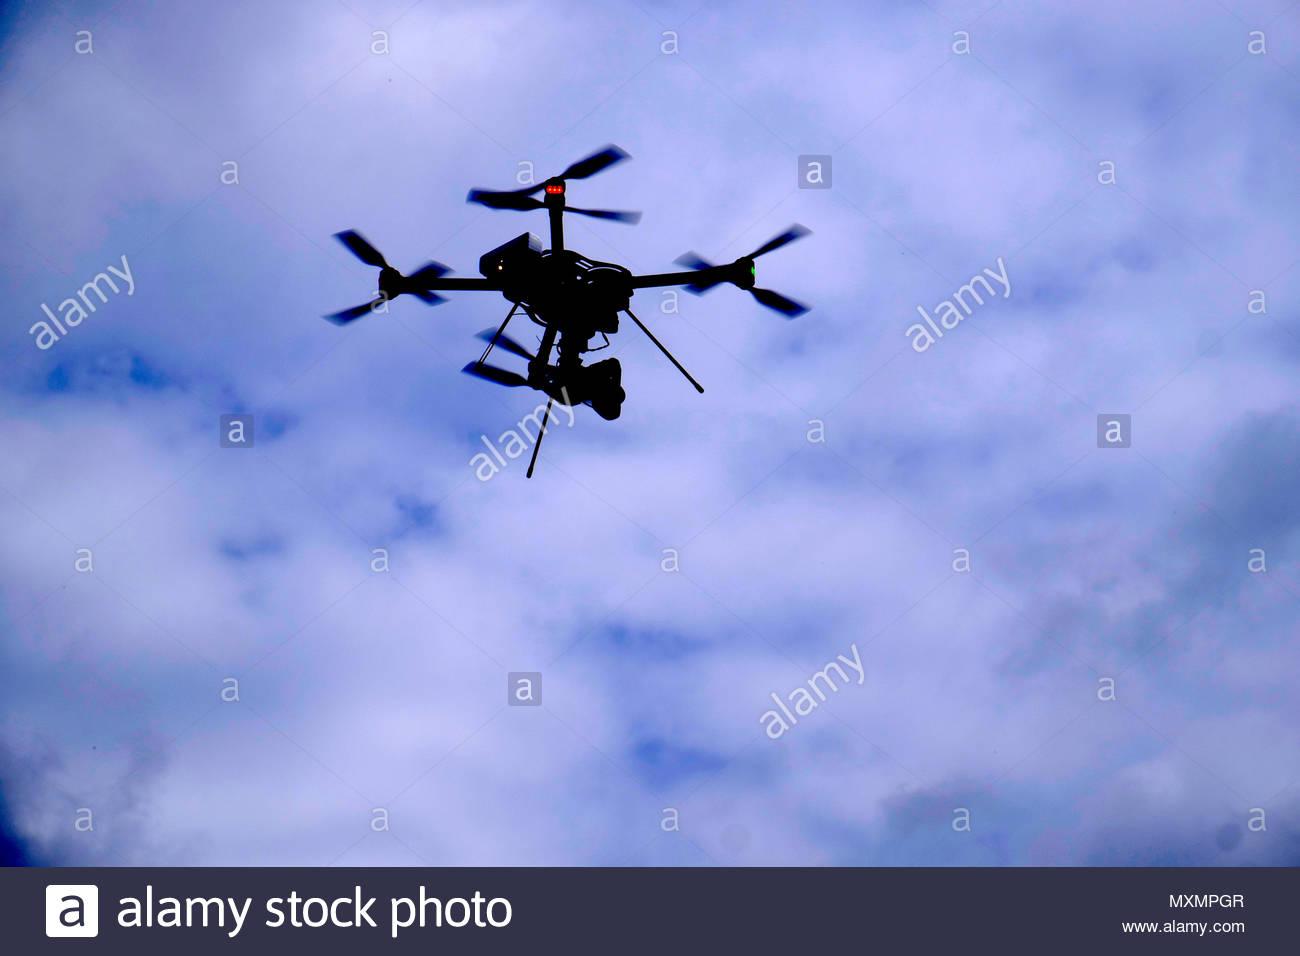 Professionnelle Drohne mit Kamera im Flug *** Local Caption *** Am Tag, außerhalb, field recording, leuchtet, Beobachten, Guard, Verschieben, blau, Nahaufnahme, Stockbild